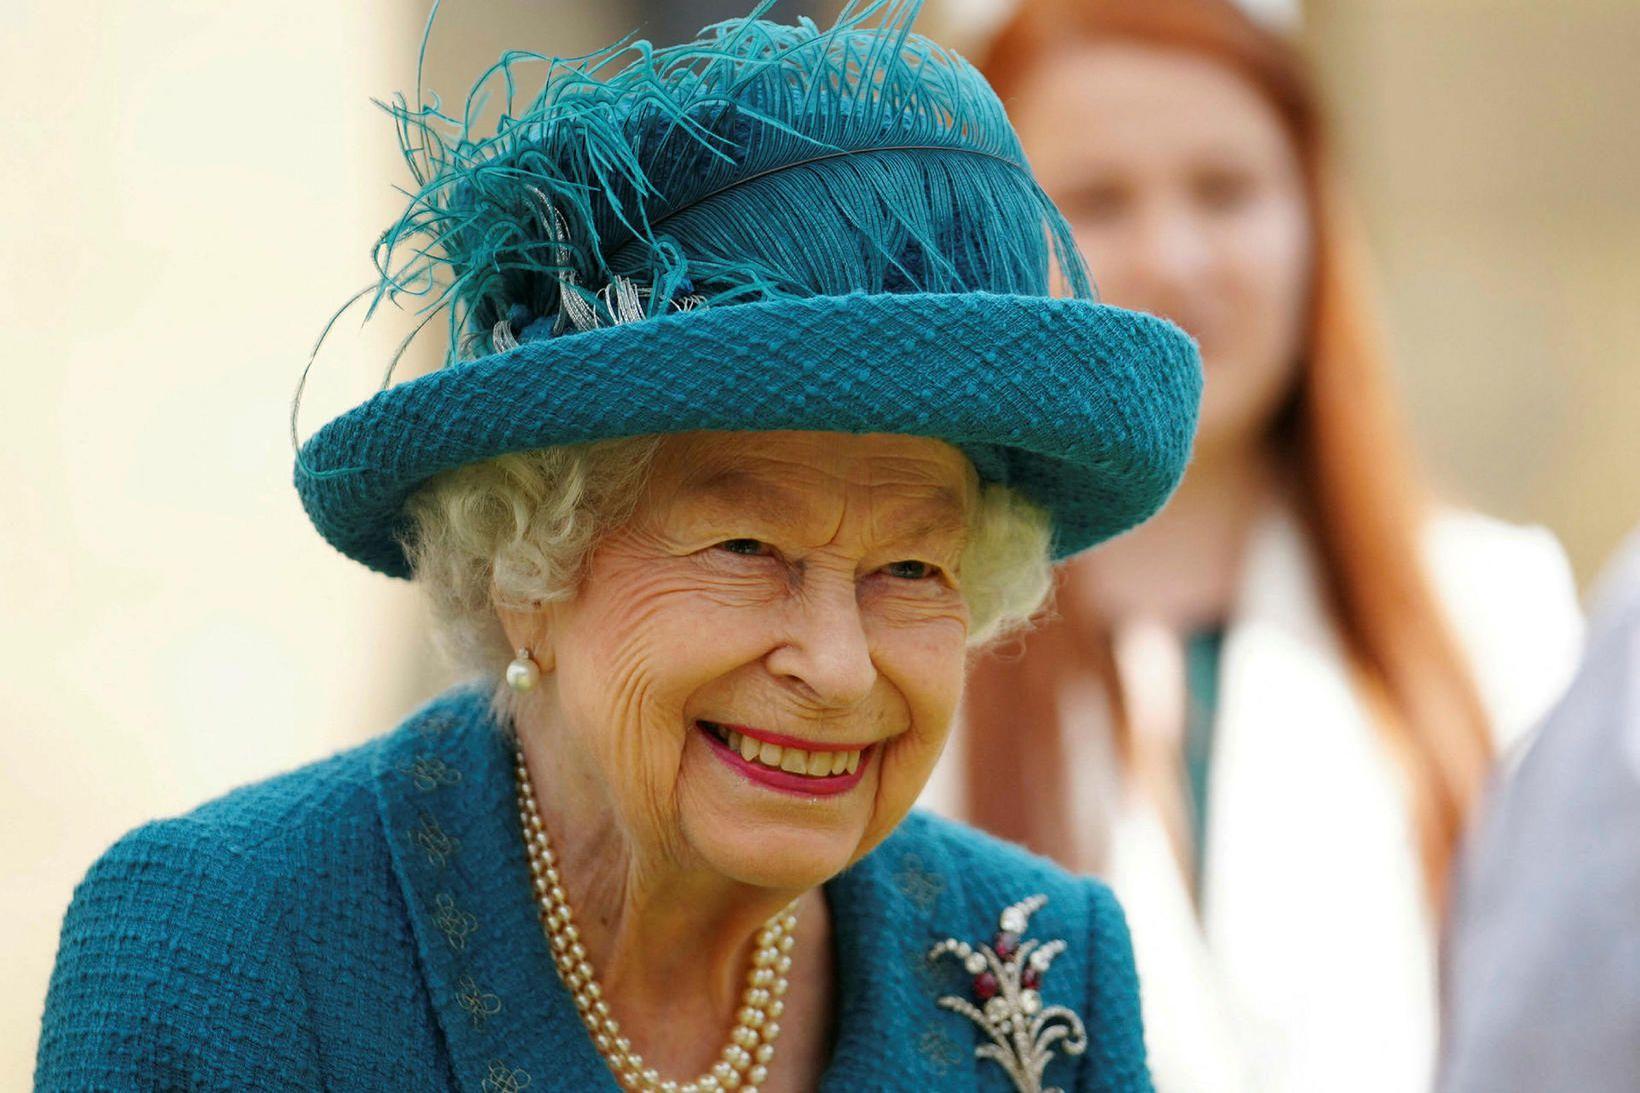 Elísabet II Bretadrottning fór til Sandringham um helgina.